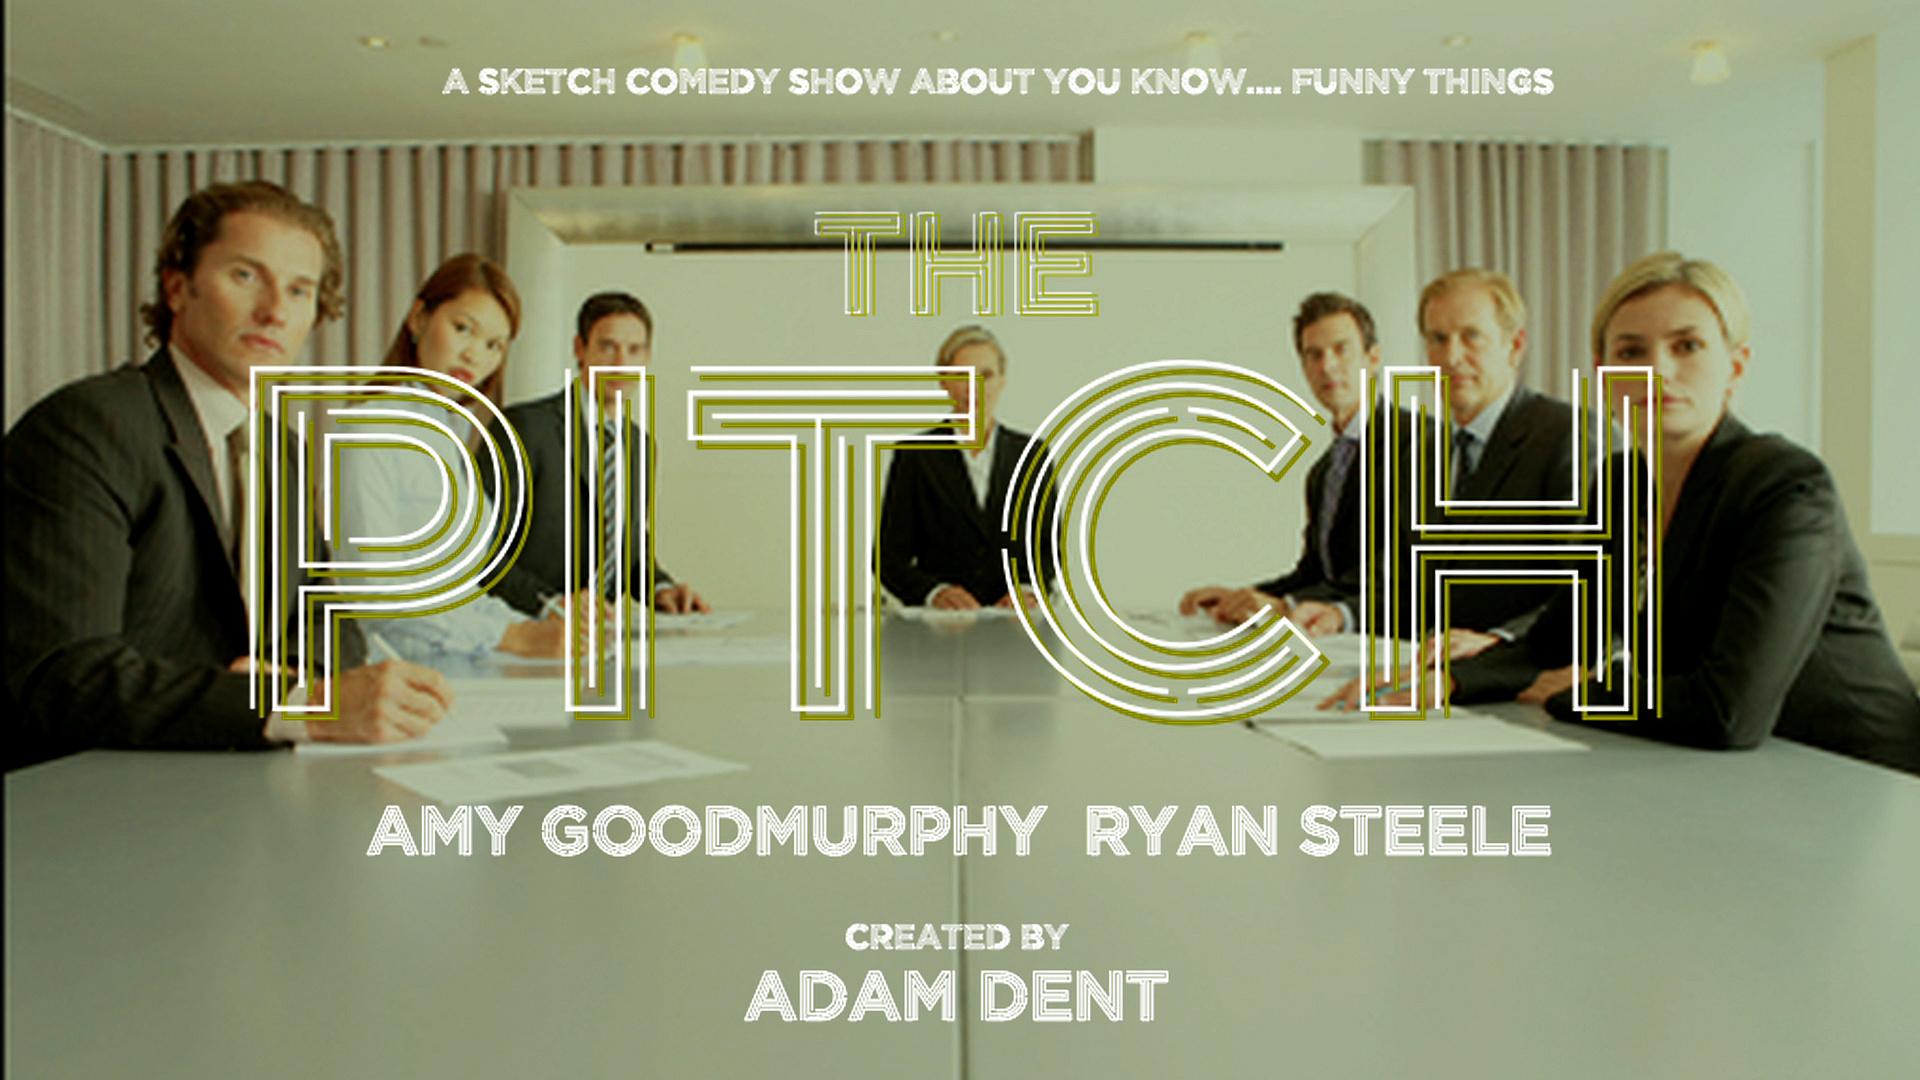 Week 4 Key It: Poster B The Pitch